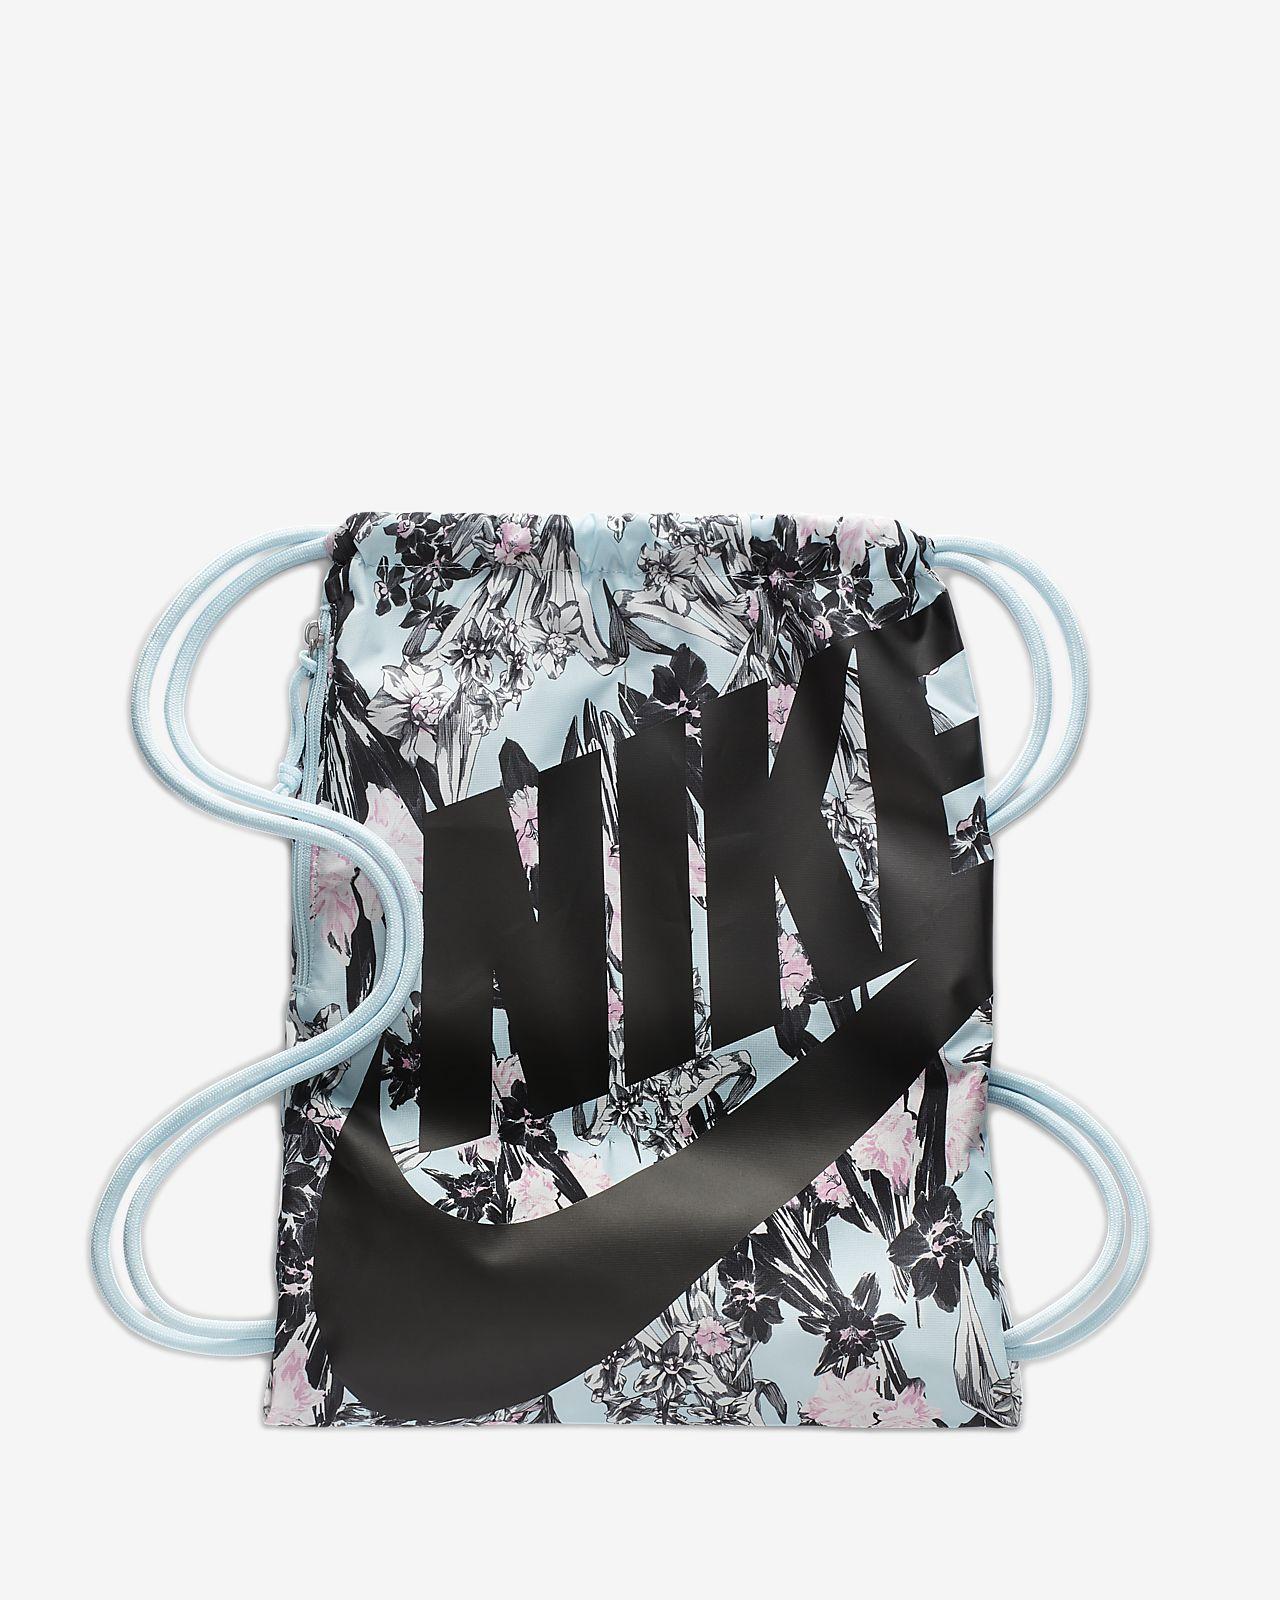 ถุงผ้าสำหรับยิม Nike Heritage Ultra Femme